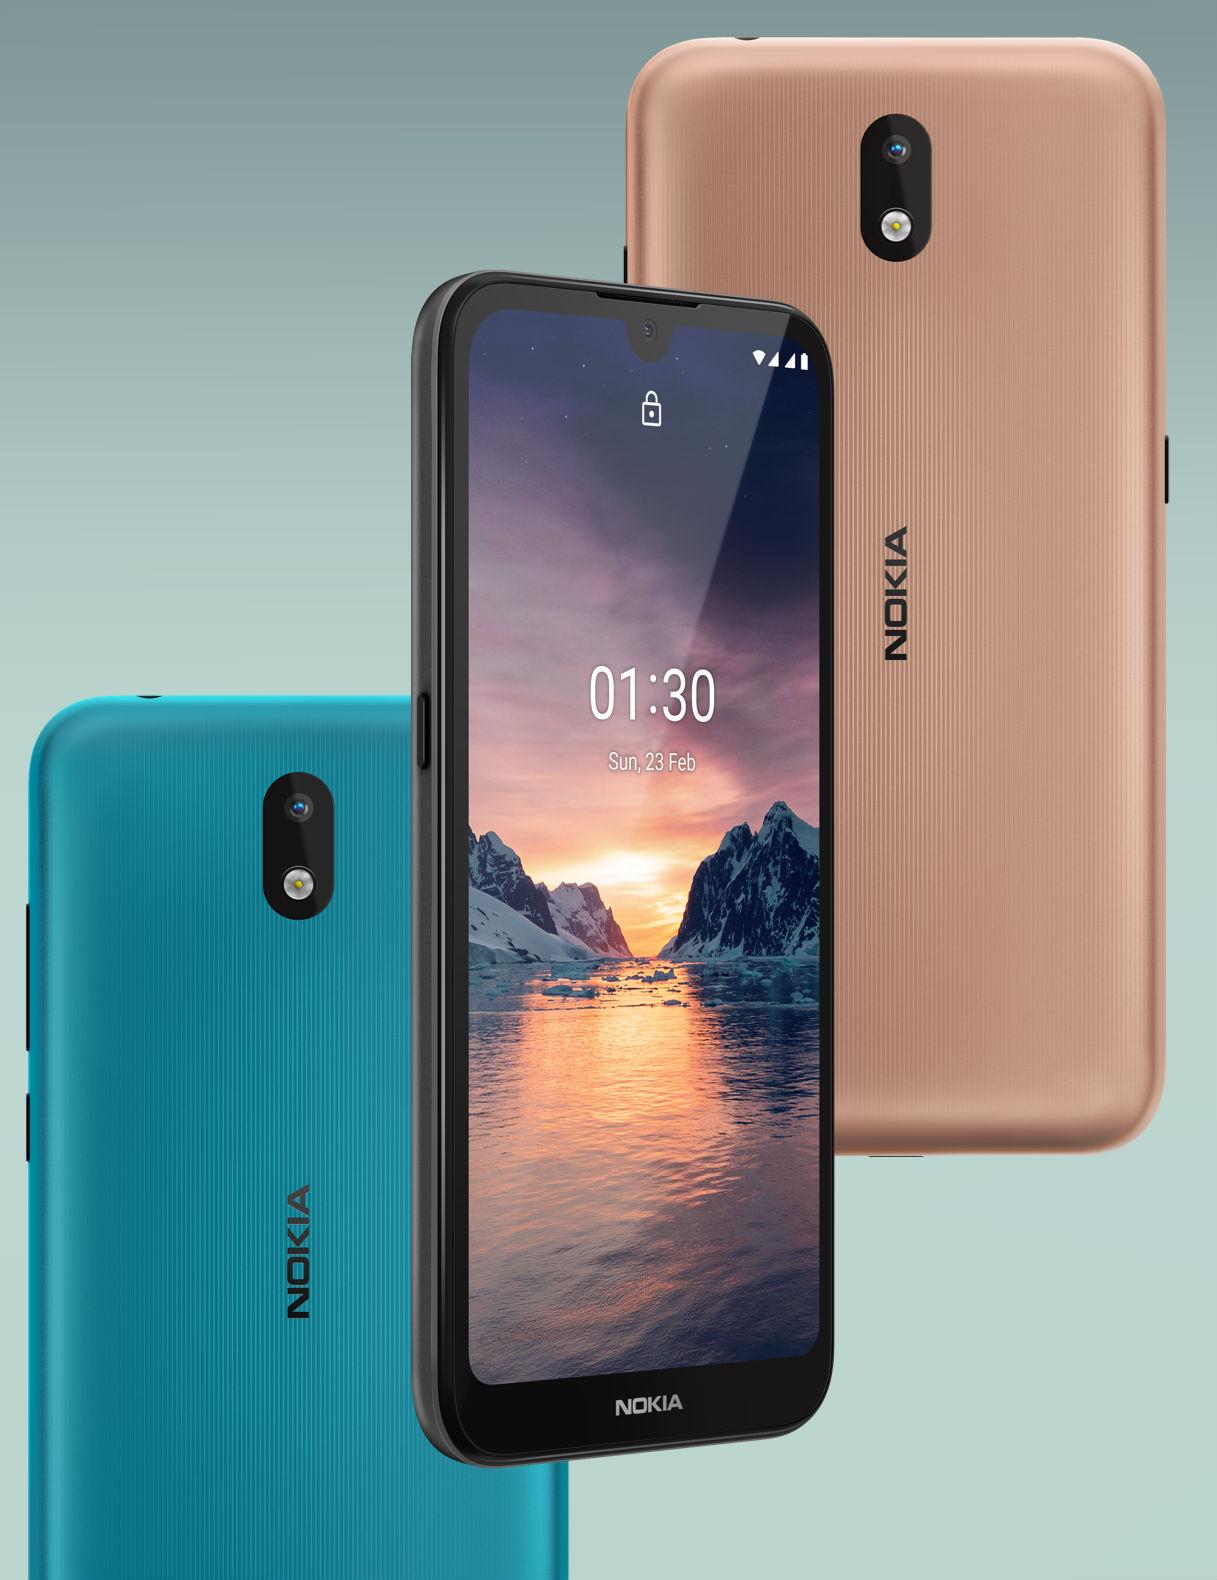 Обзор смартфона Nokia 1.3 с основными характеристиками